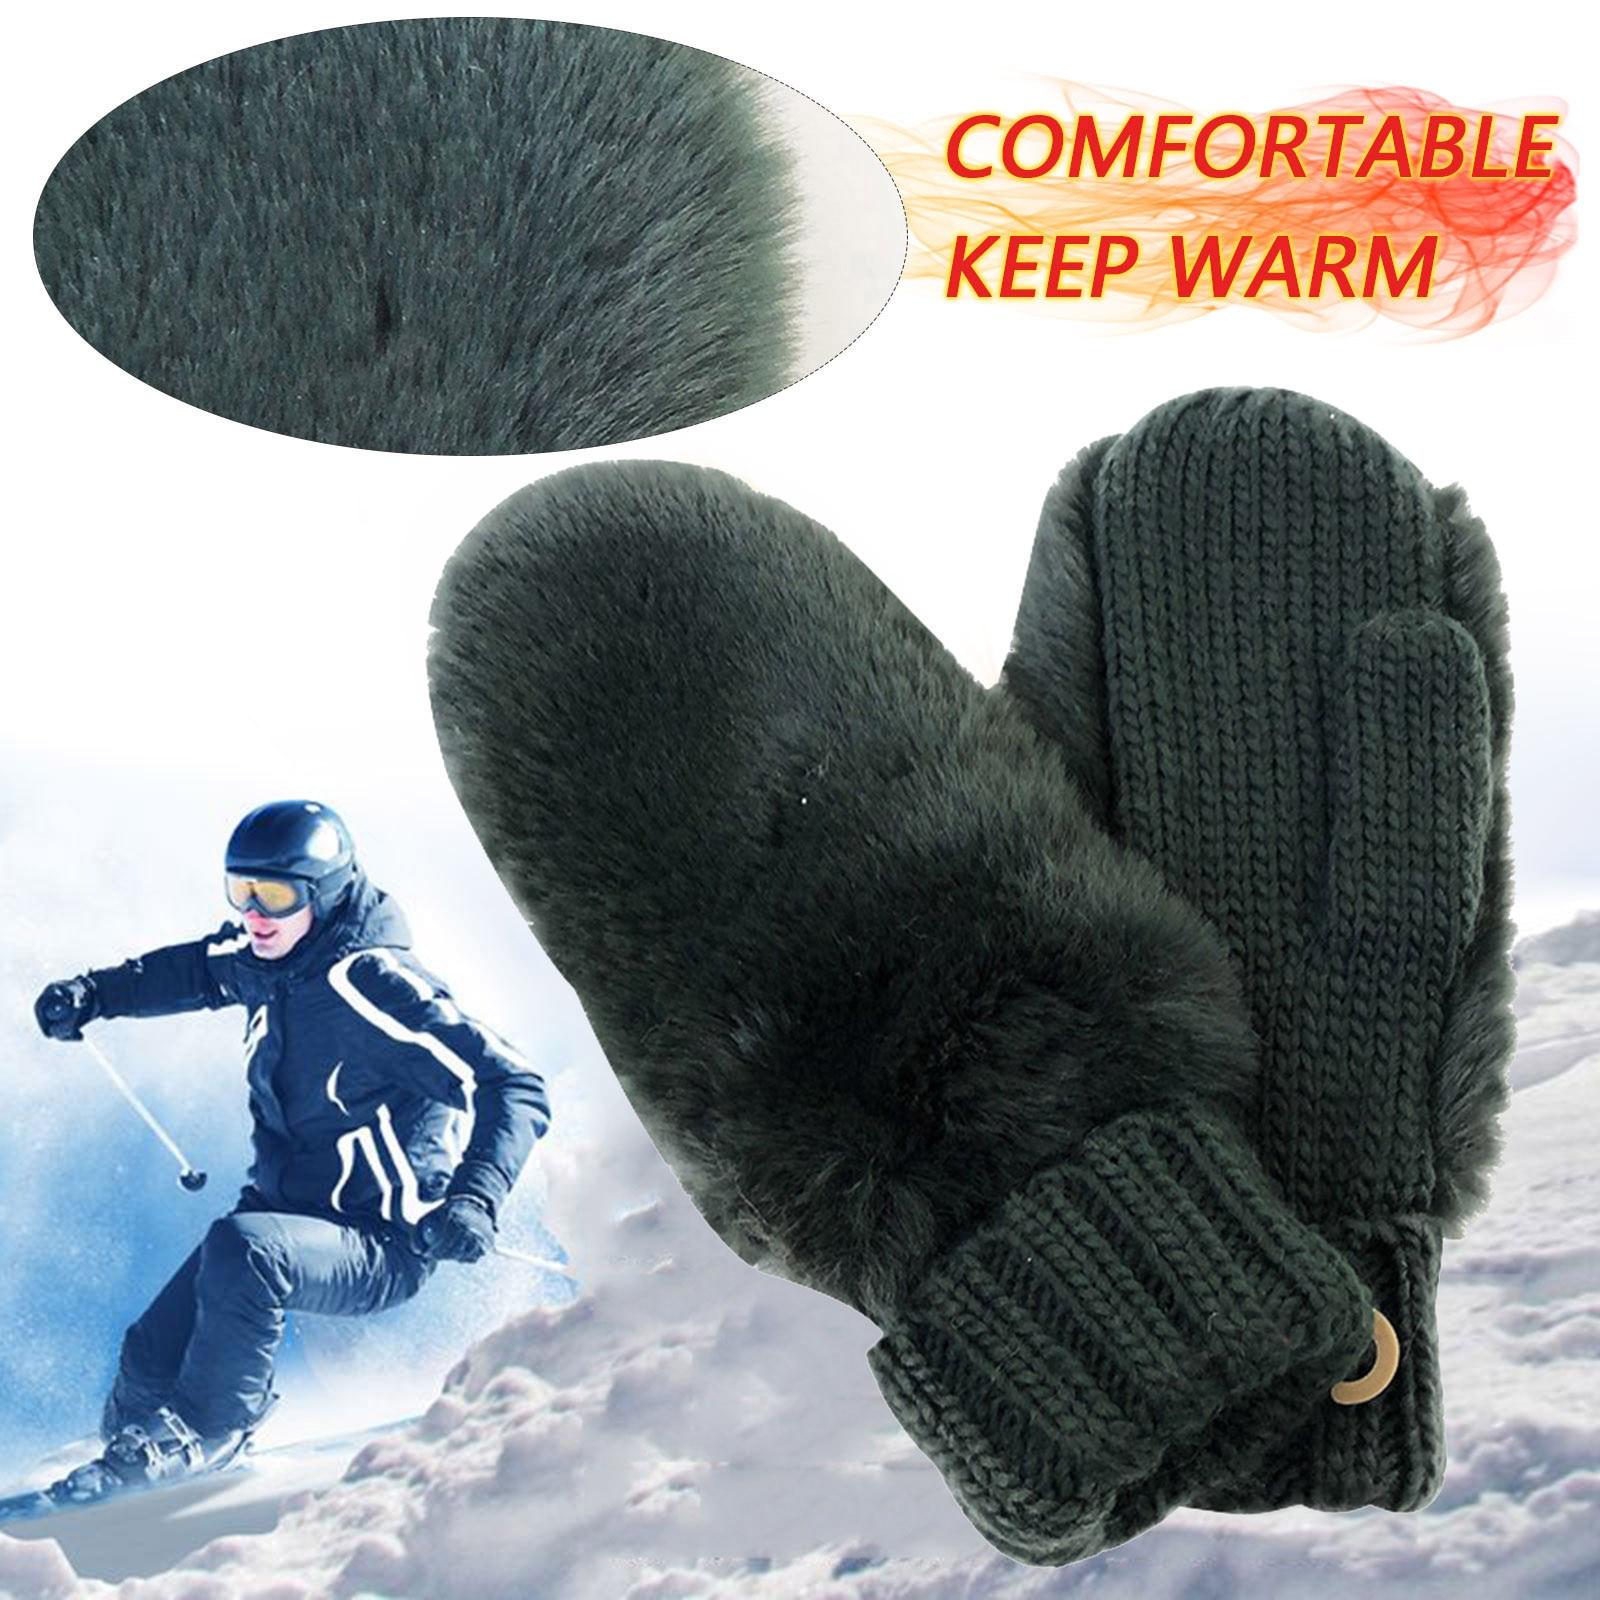 Уличные витые шерстяные толстые шерстяные теплые перчатки для взрослых, экологически чистые черно-белые модные толстые варежки, мужские перчатки